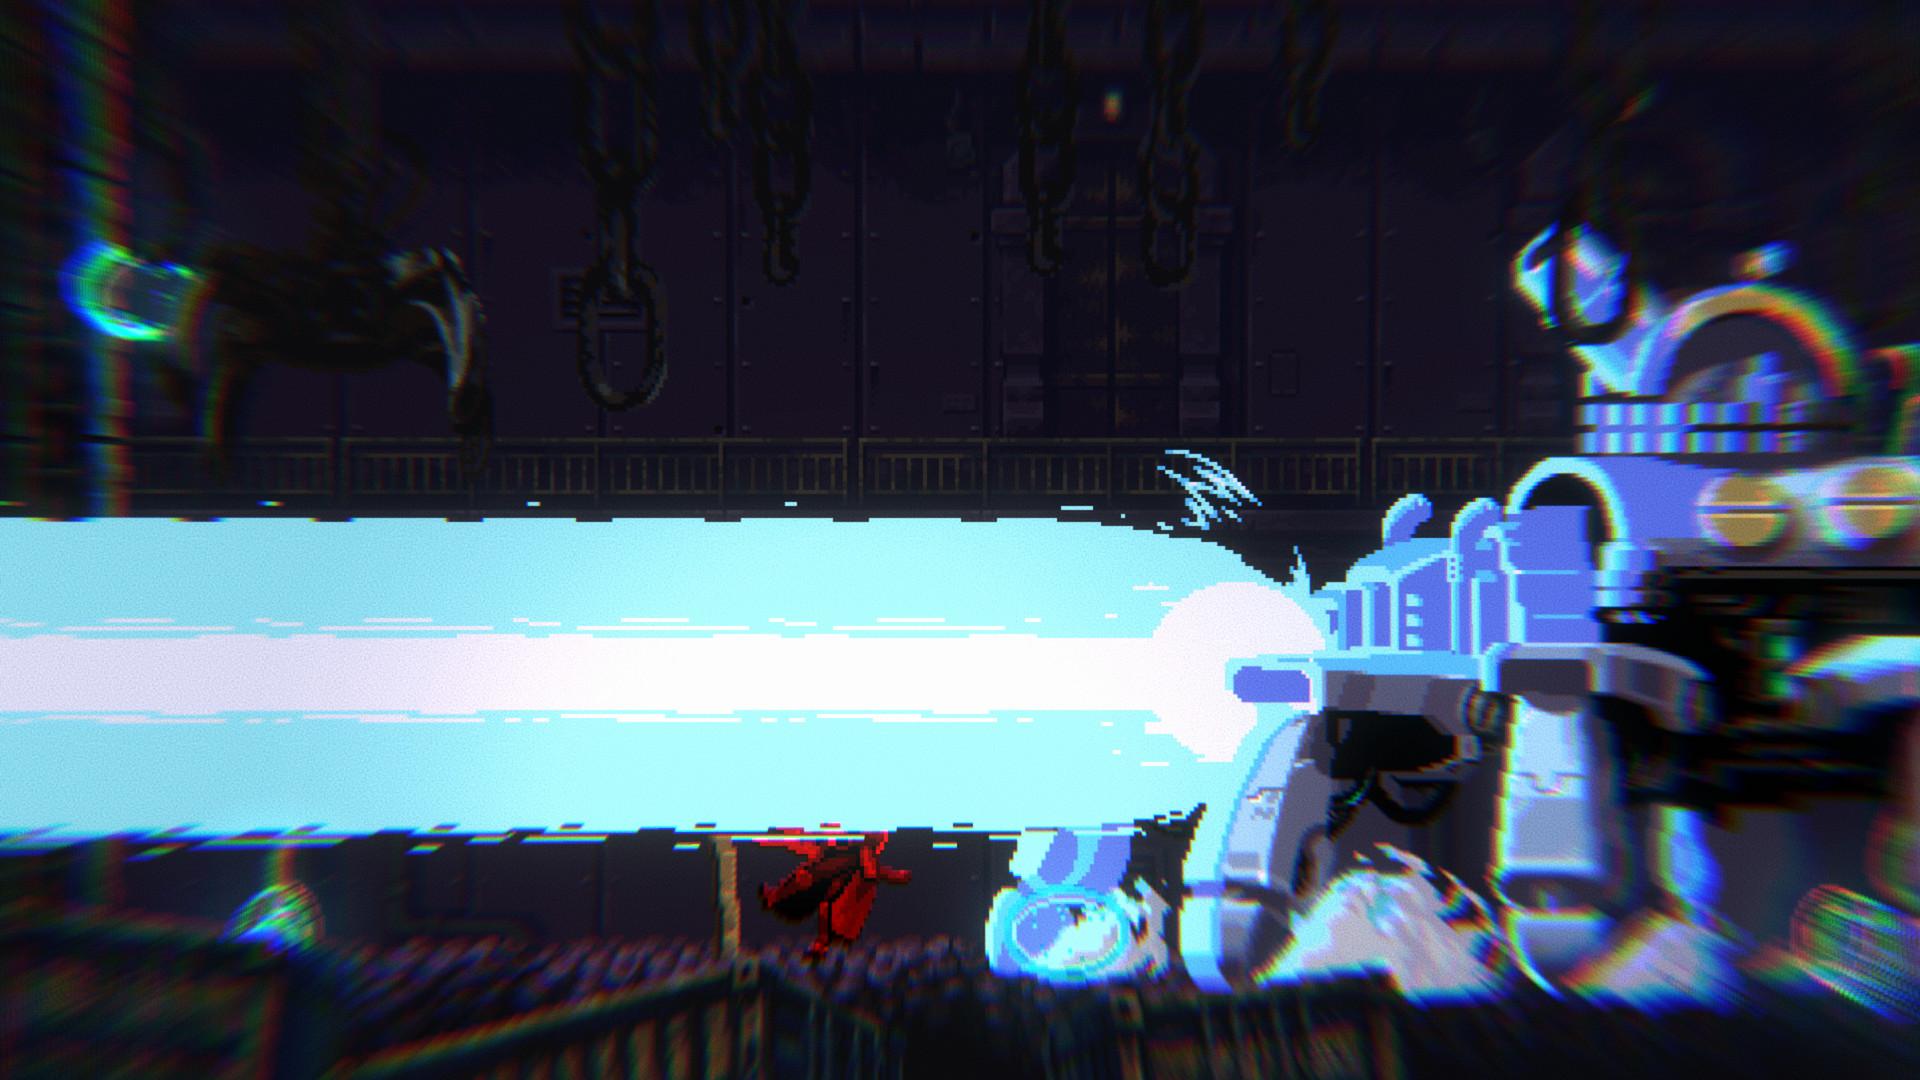 Guerrilla游戏展:蒸汽朋克像素ACT《Gestalt》新预告